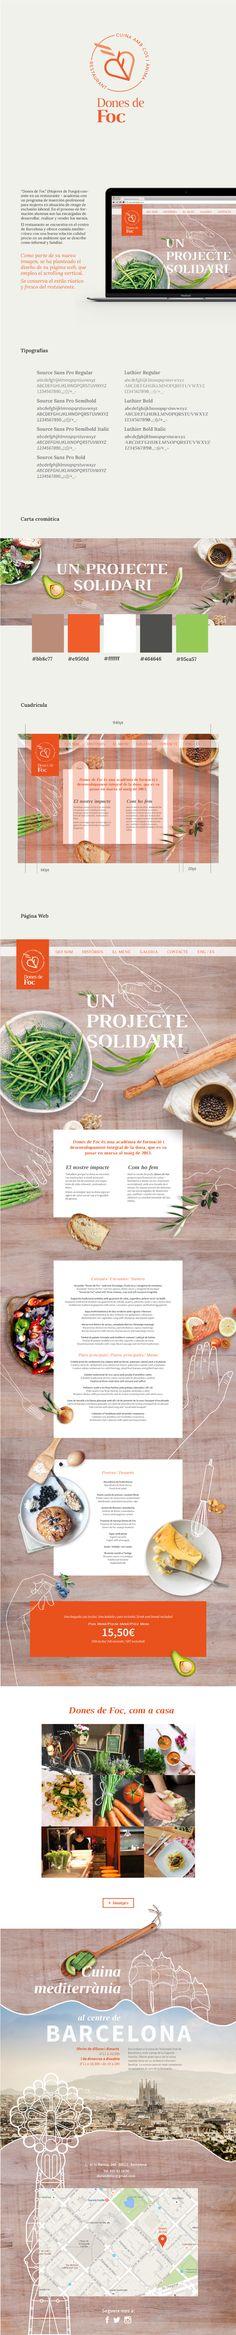 DF restaurant. Web design